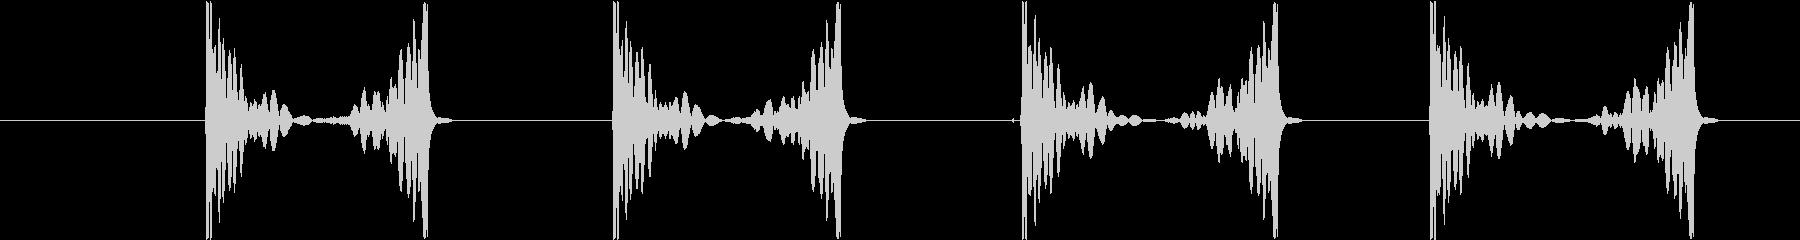 スクラッチ1slow(ズクズクズクズク)の未再生の波形